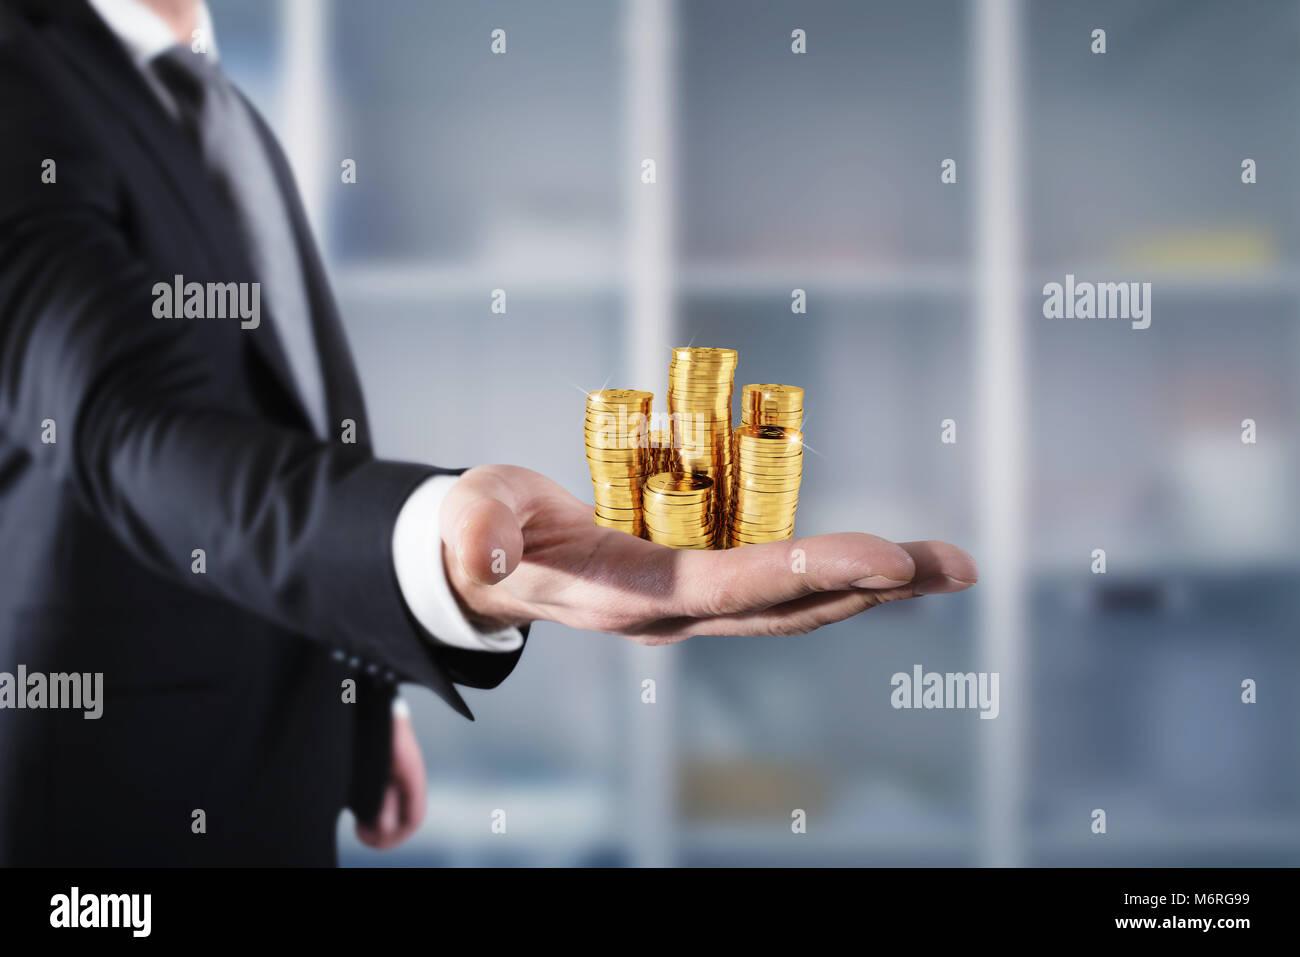 Empresario mantenga montones de dinero. Concepto de éxito y crecimiento de la empresa Imagen De Stock